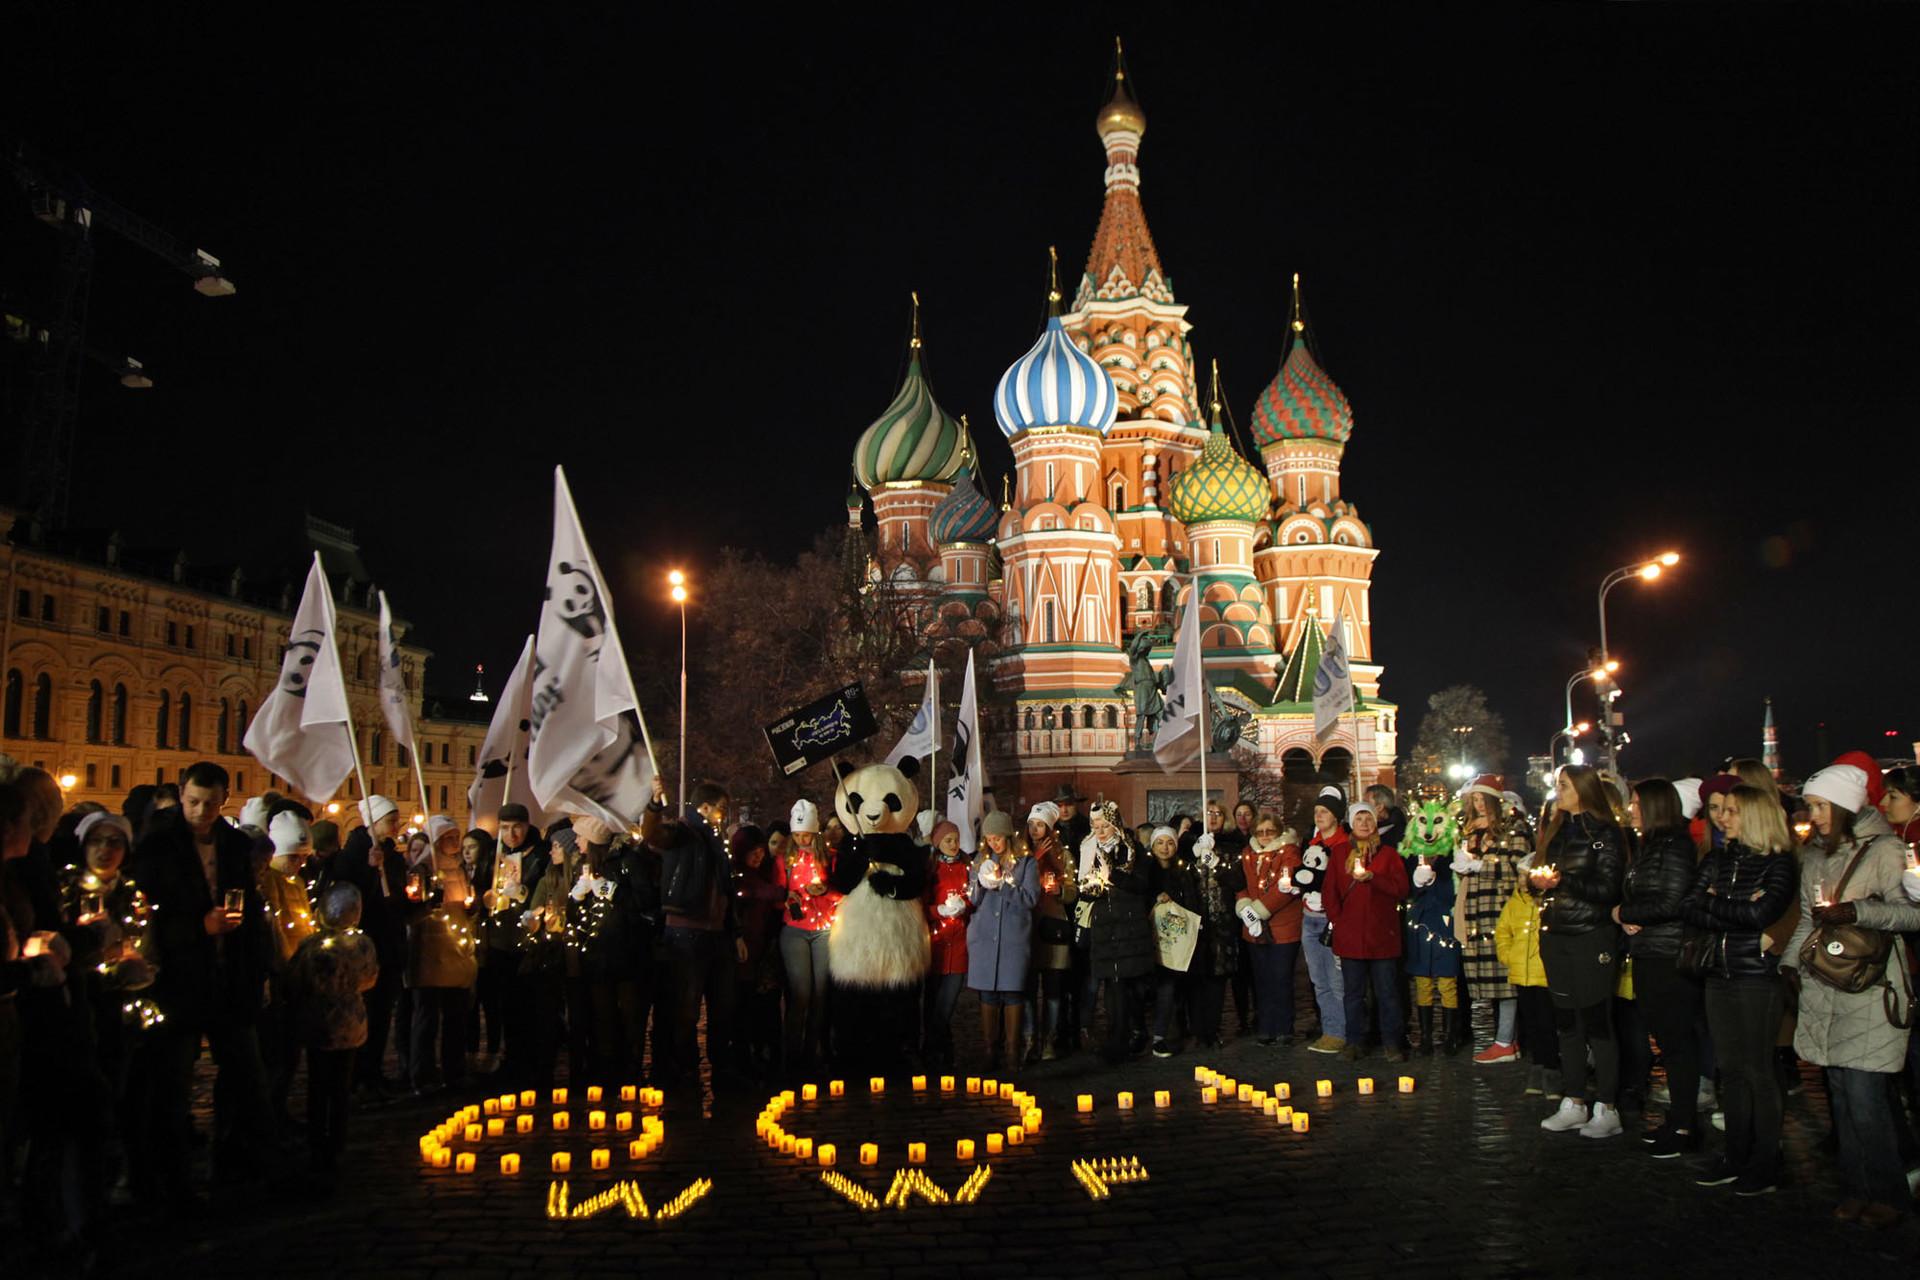 Aktivis dan masyarakat melakukan aksi Earth Hour di depan Katedral Saint Basil sebelum pemadaman lampu.